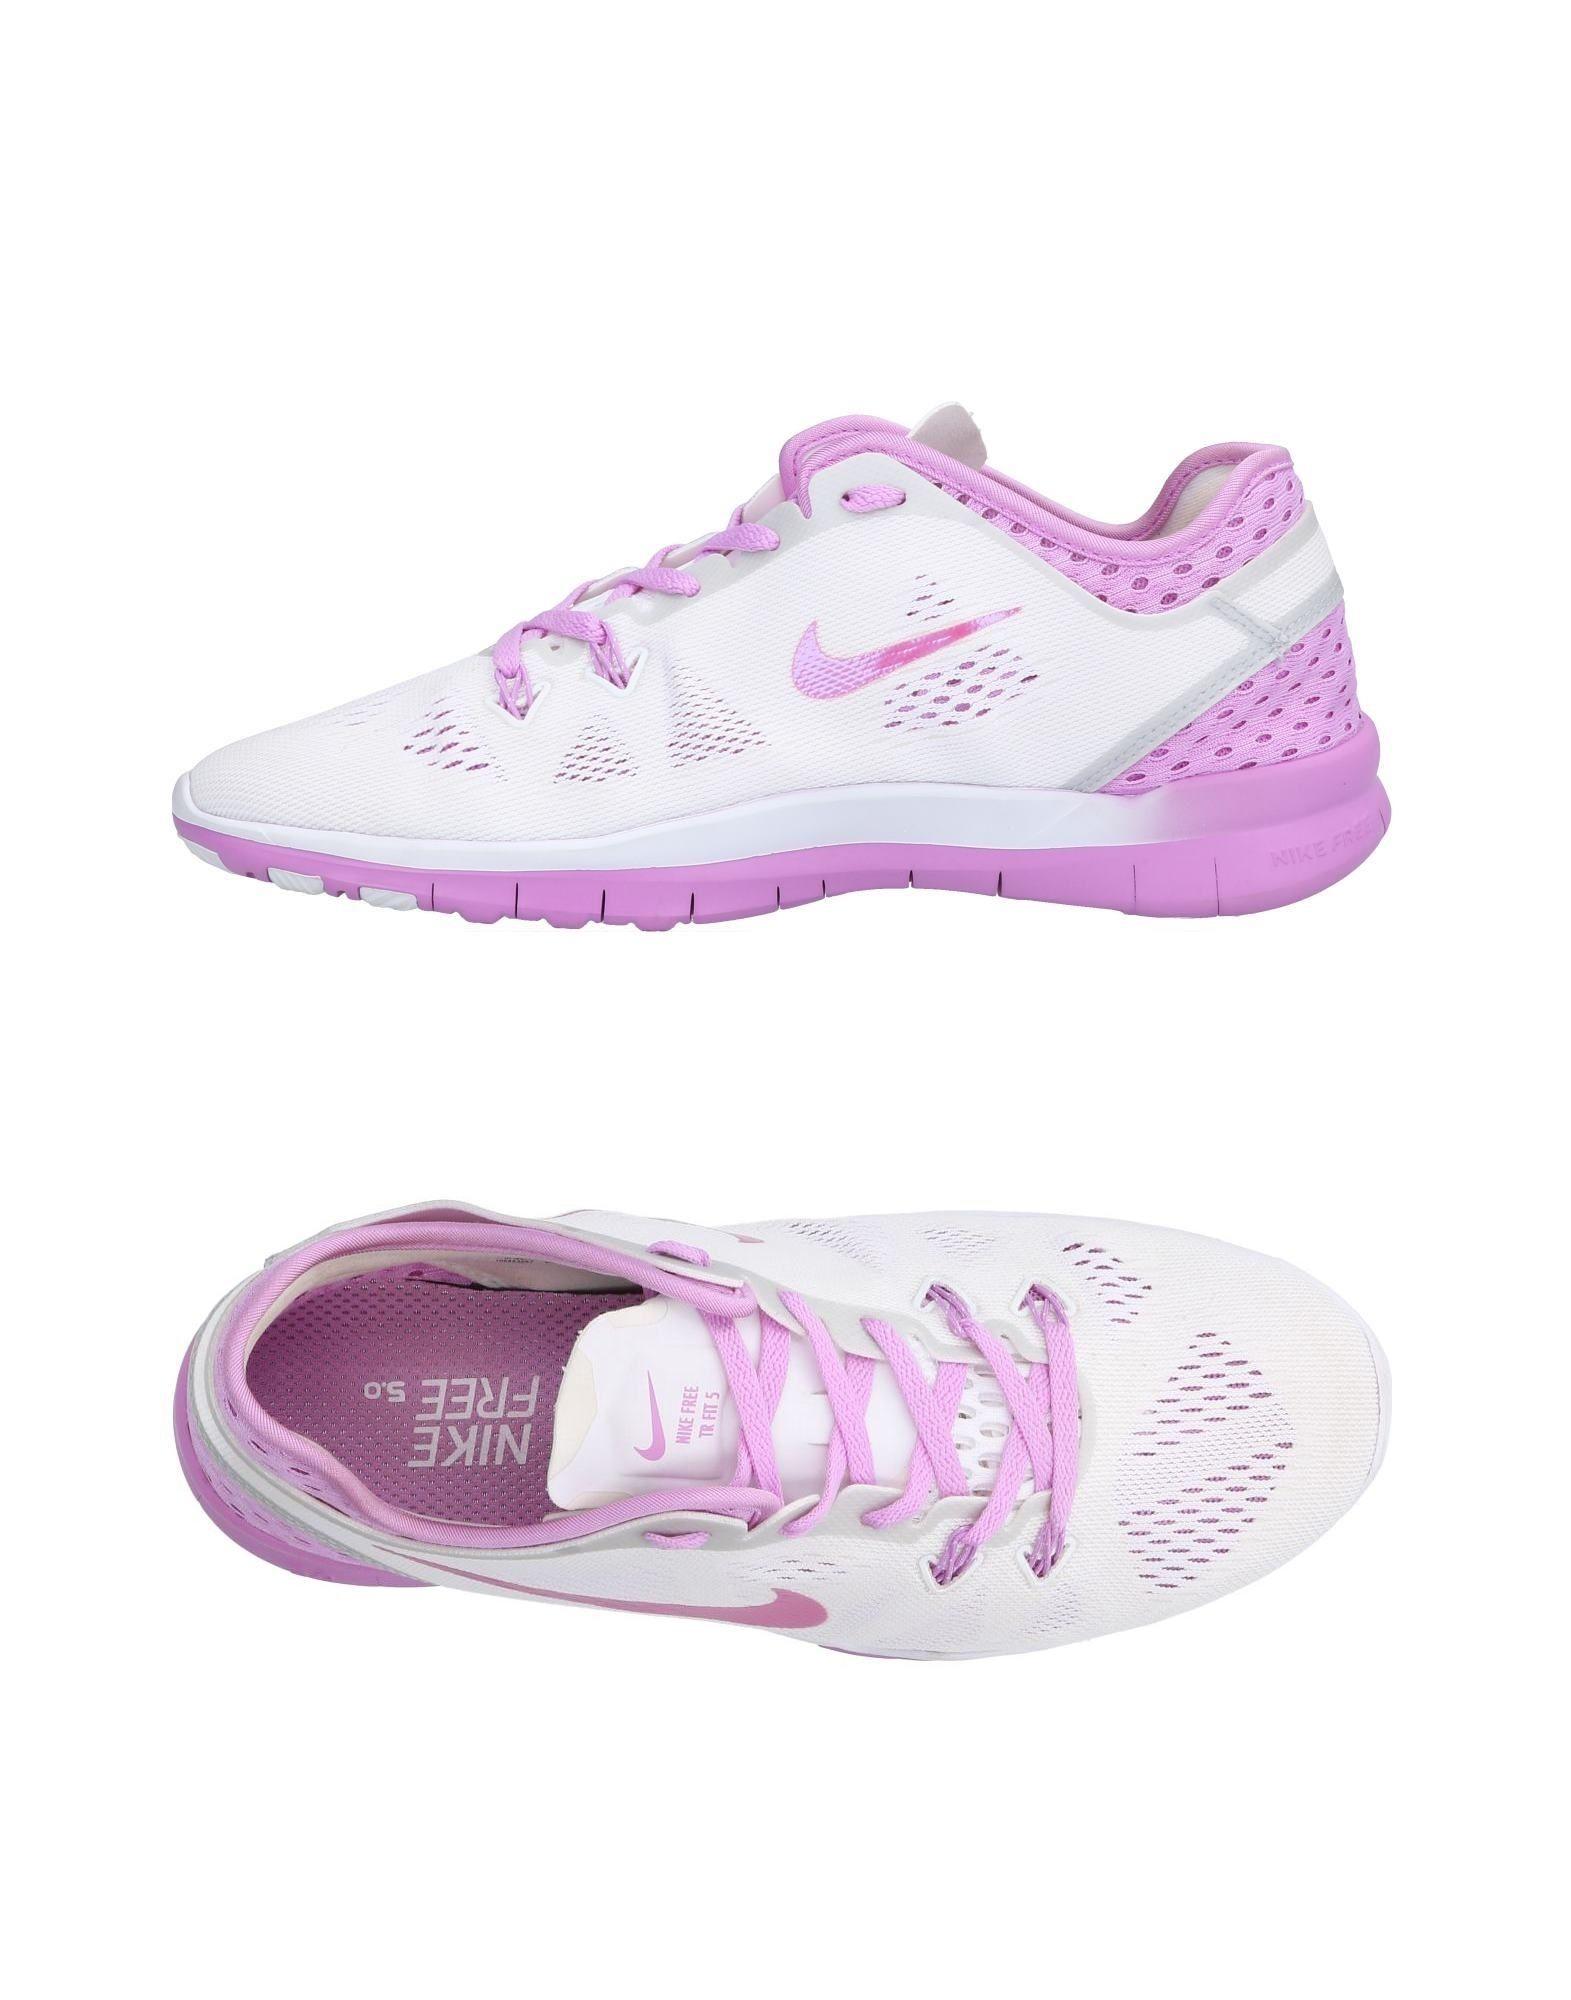 Sneakers Nike Donna - 11498660TA Scarpe economiche e buone